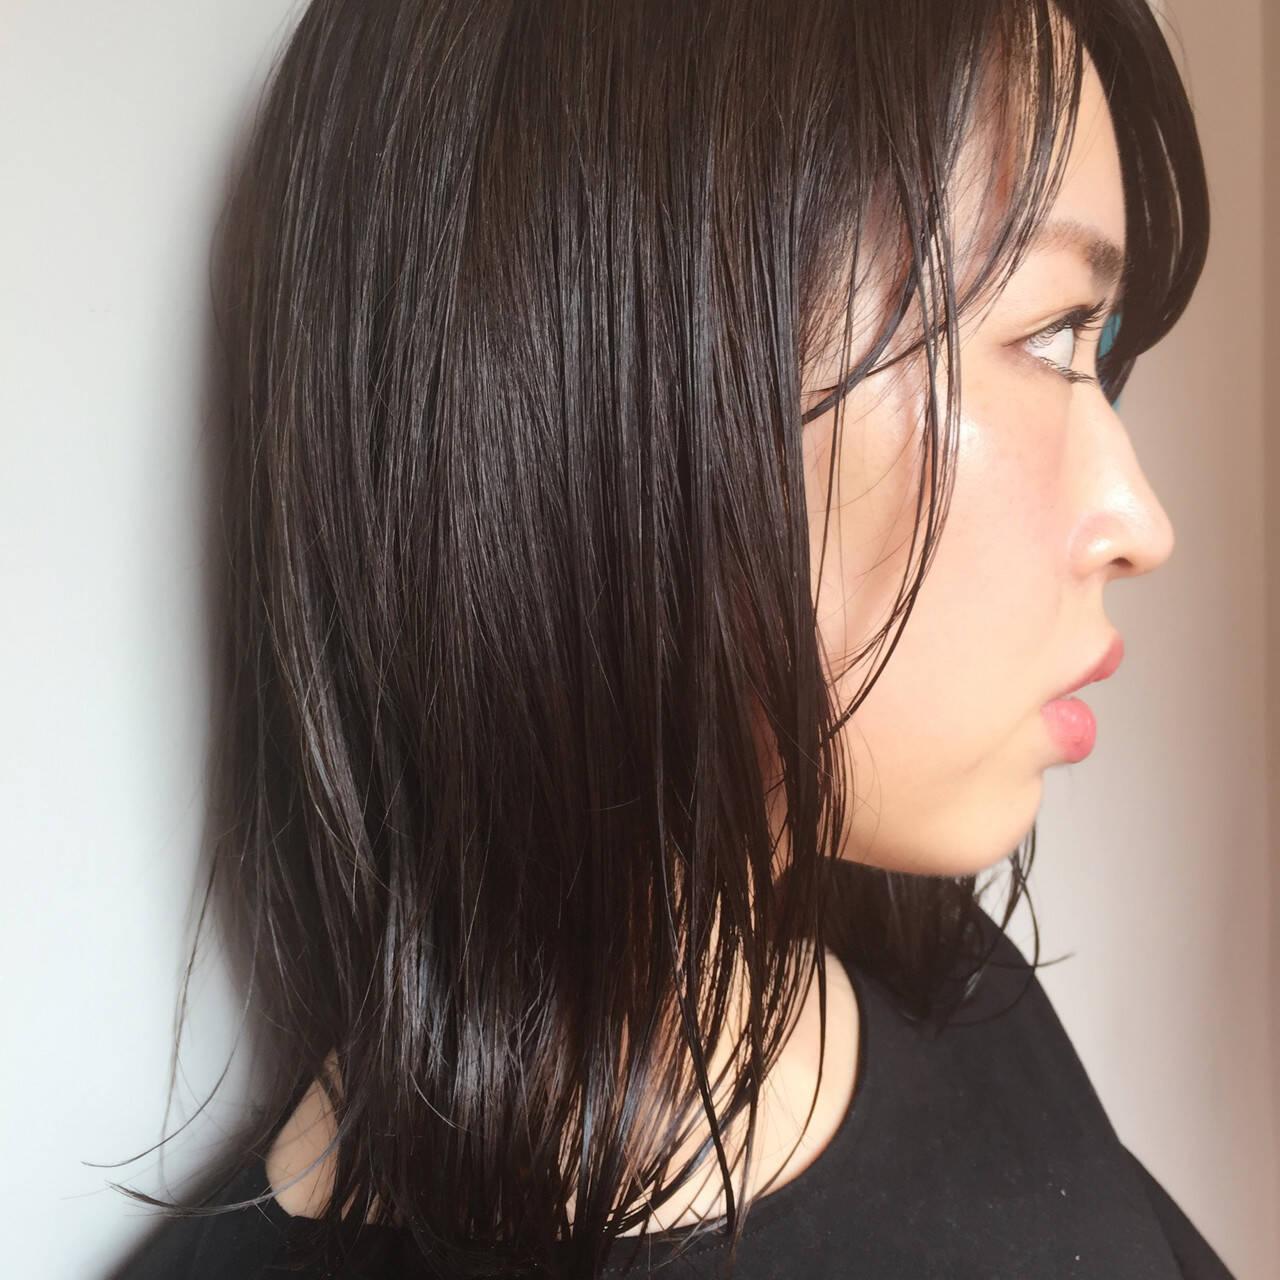 セミロング ボブ オフィス スポーツヘアスタイルや髪型の写真・画像